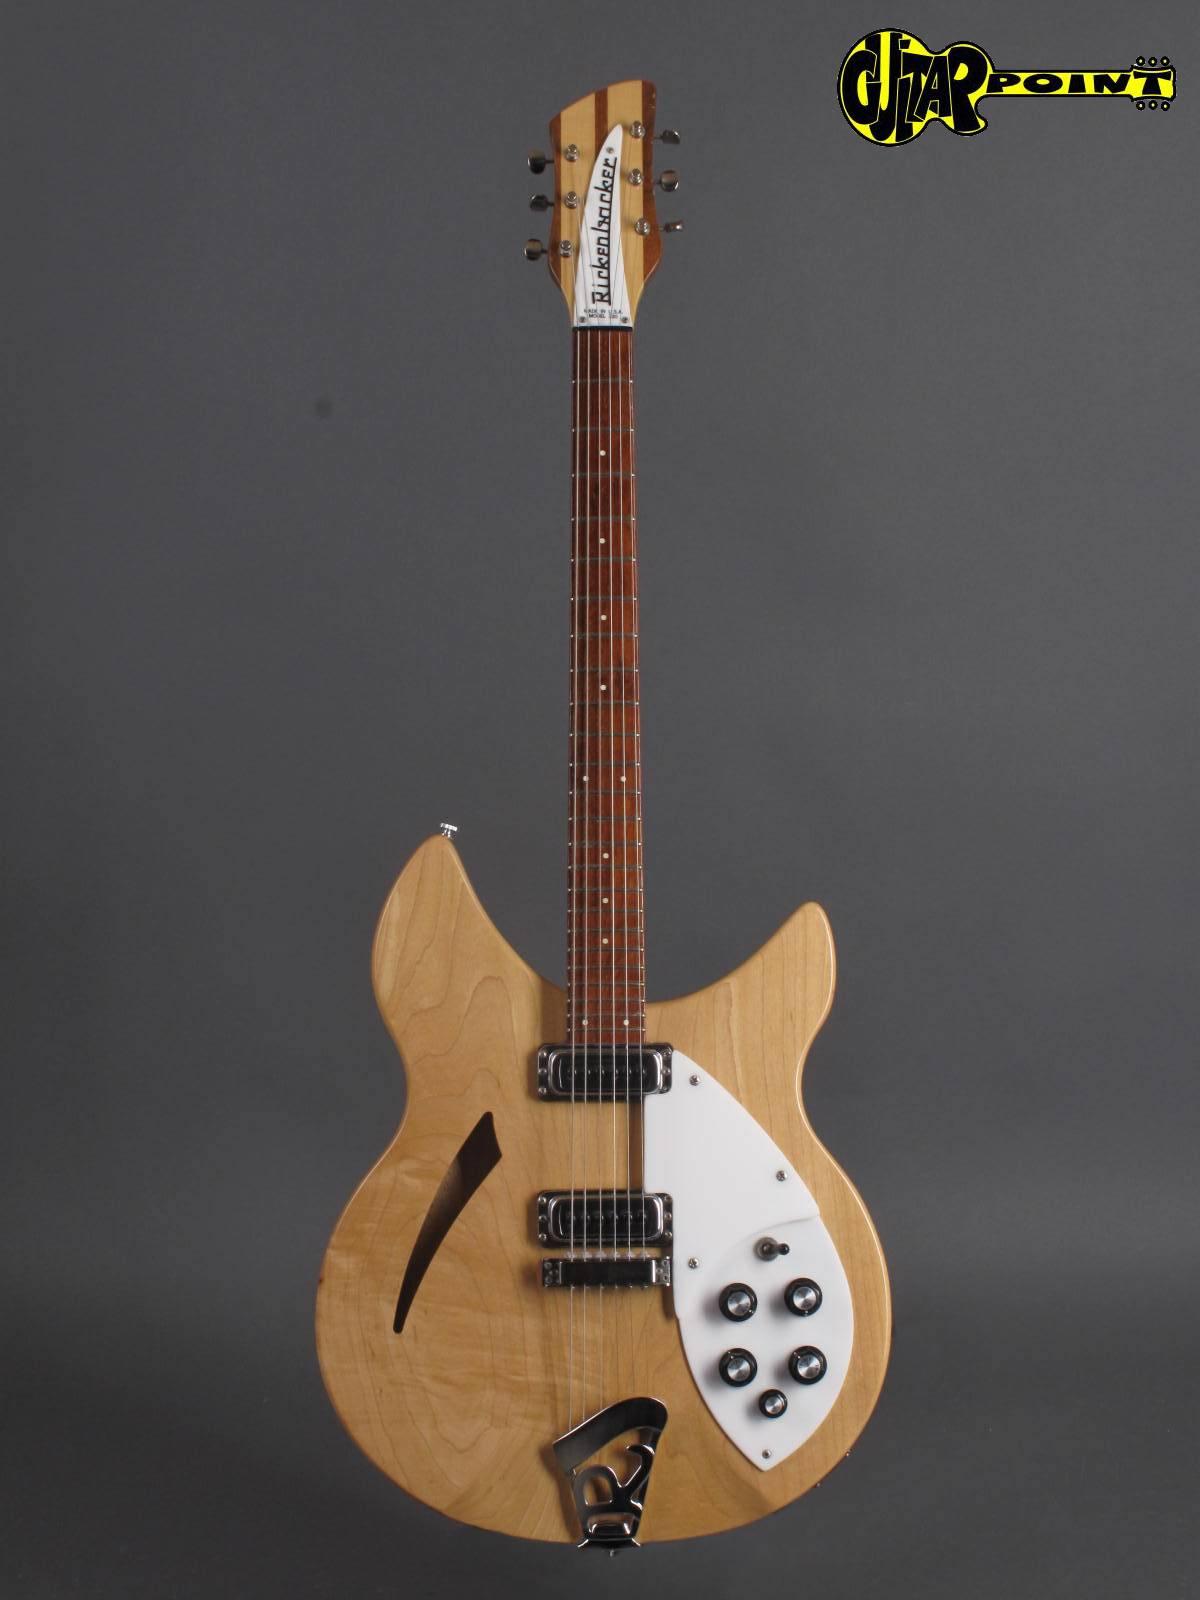 https://guitarpoint.de/app/uploads/products/1980-rickenbacker-330-mapleglo/Rickenbacker80_330MG_TE2112_1.jpg